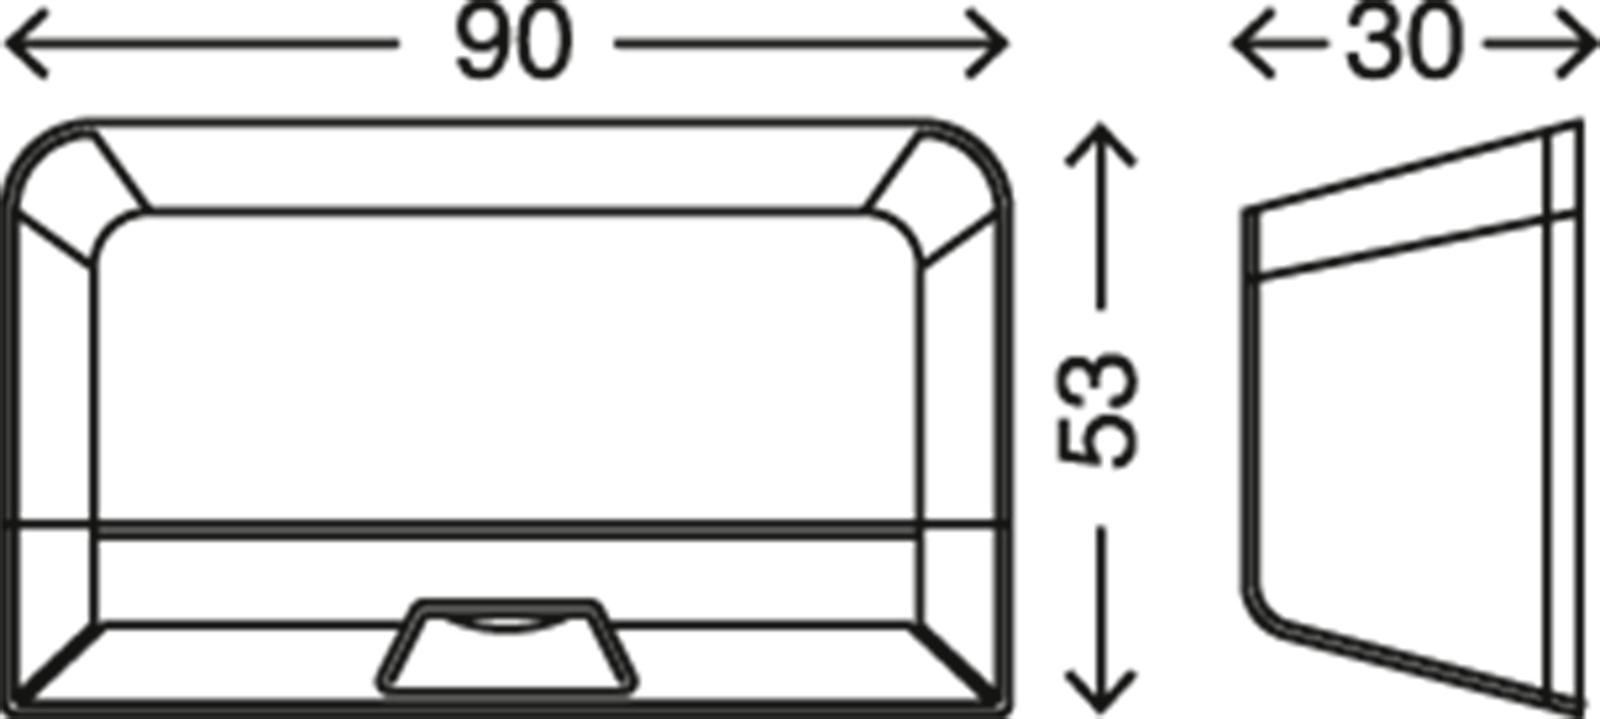 LED Türschlossbeleuchtung, 9 cm, 0,12 W, Silber